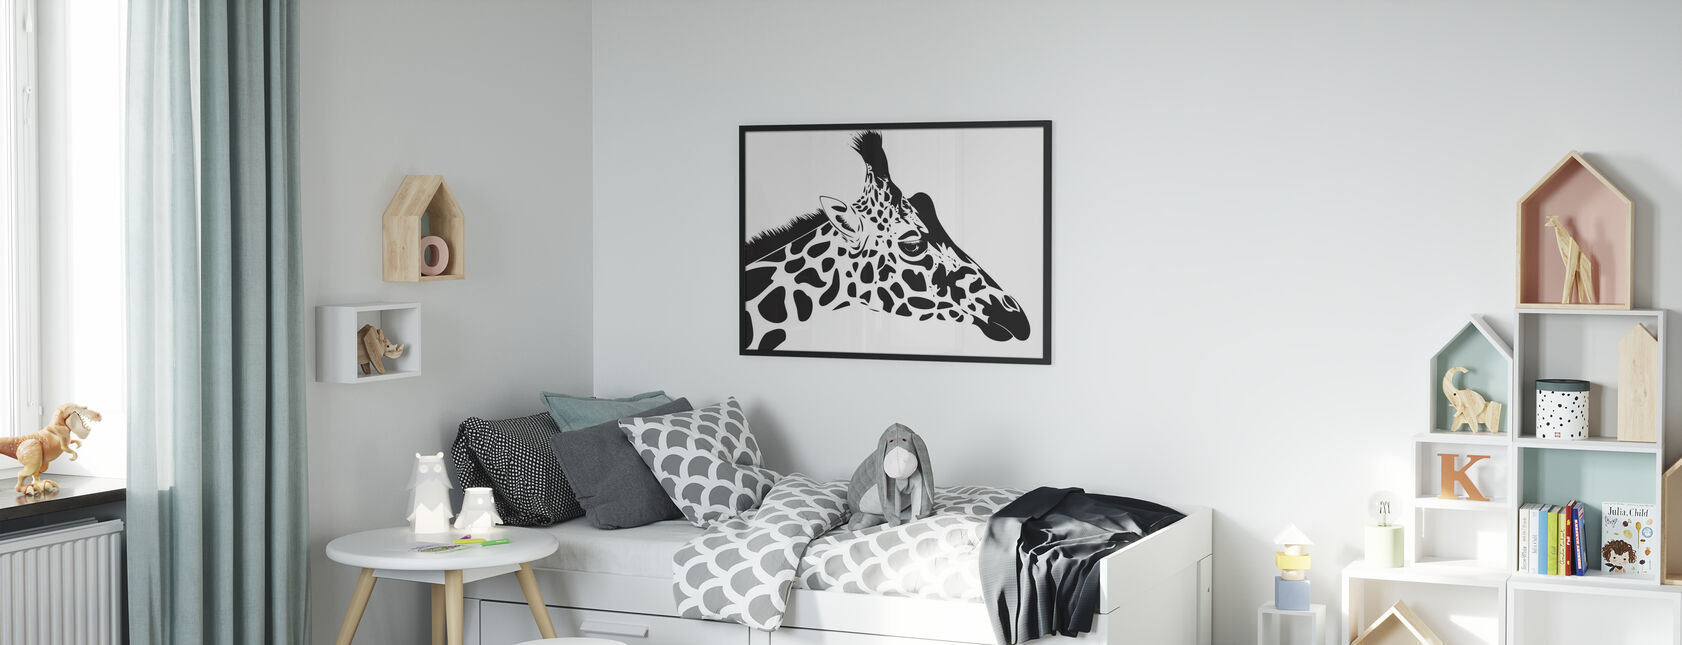 Giraffe - Poster - Kids Room